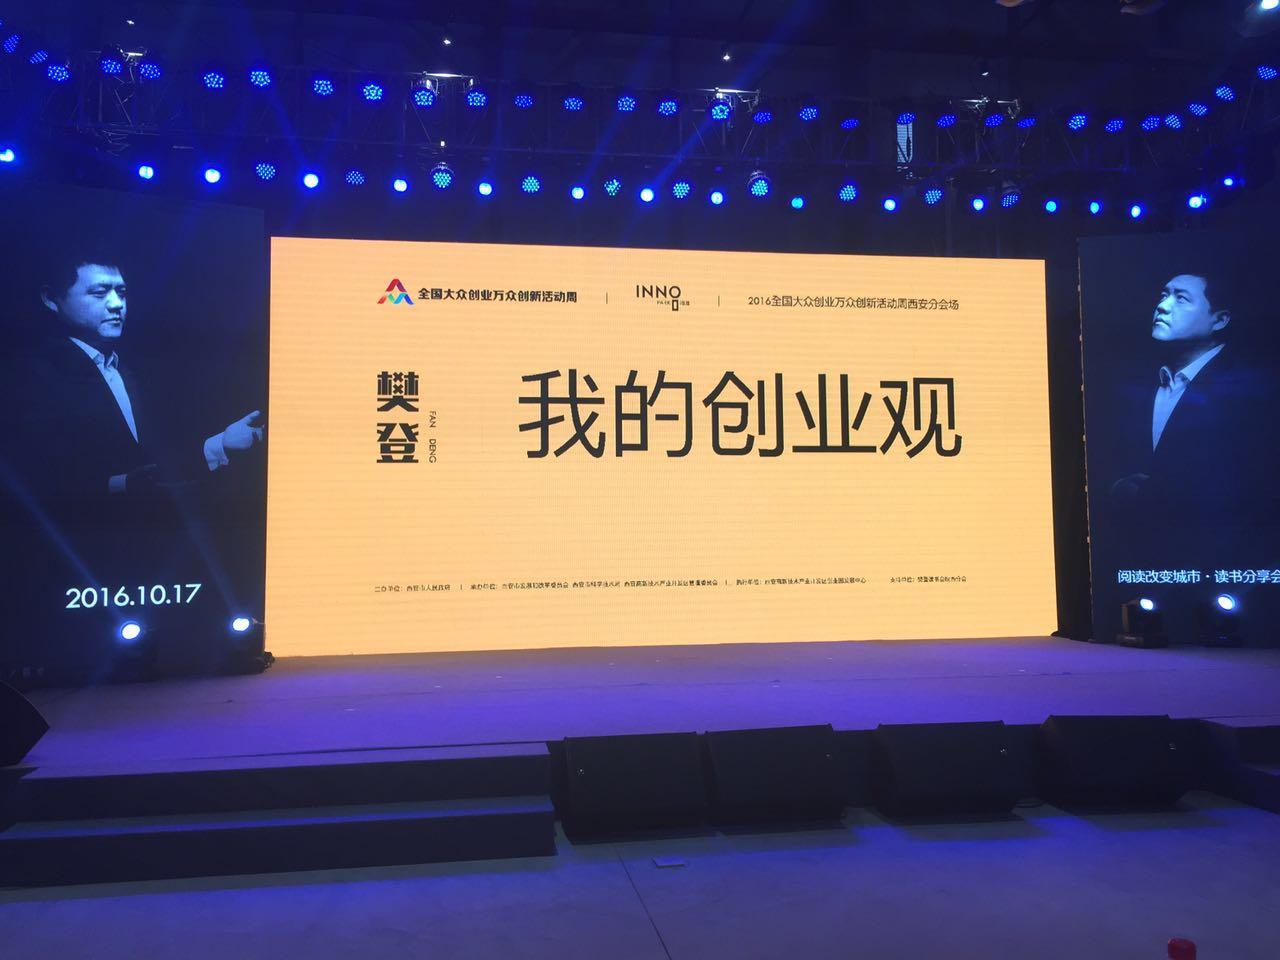 """樊登——我的创业观""""阅读改变城市""""读书分享会掌声不断"""